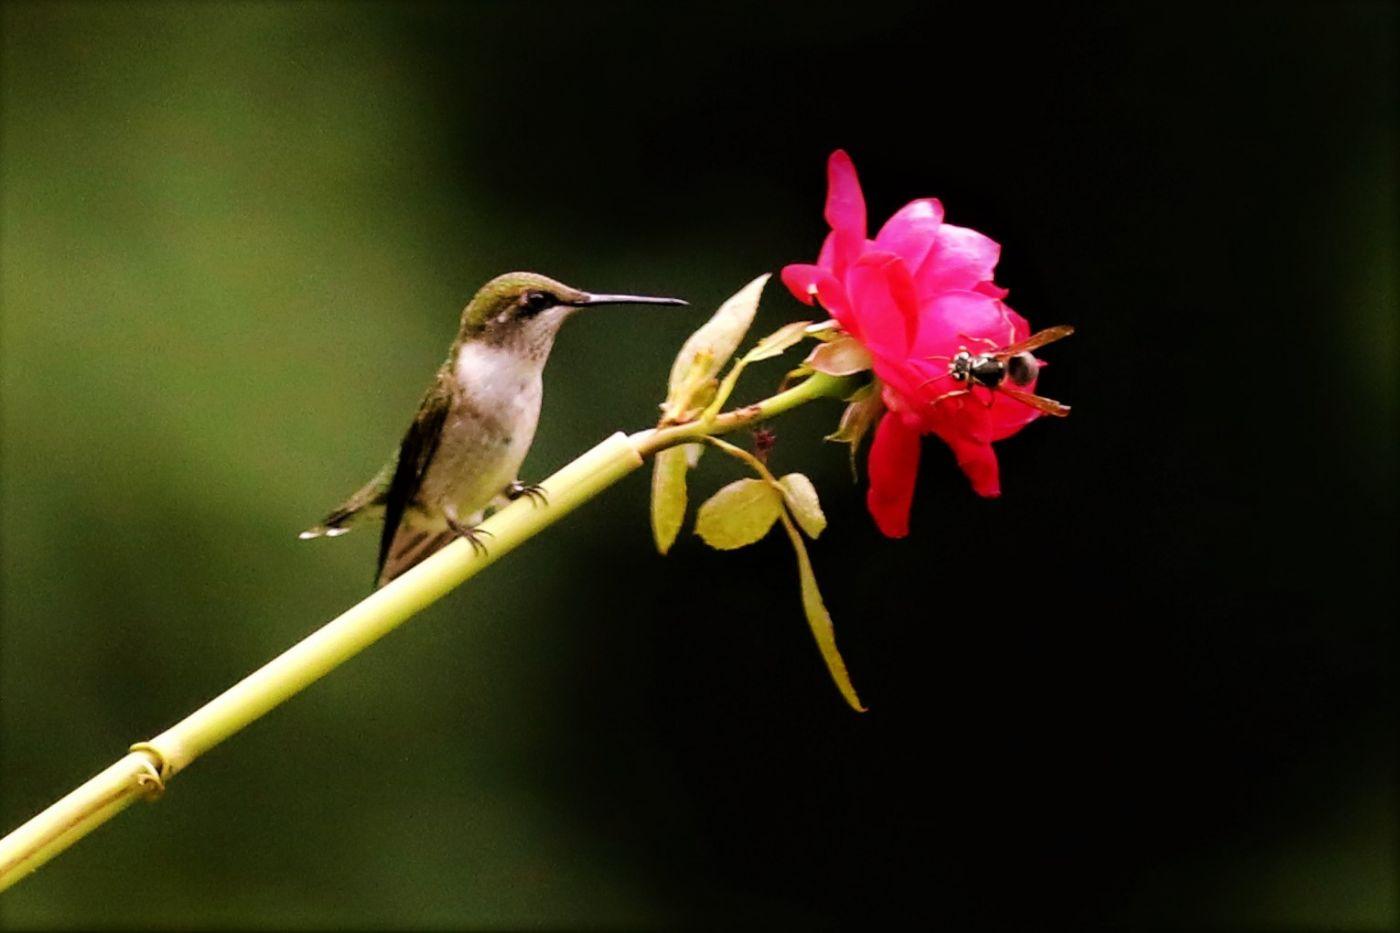 【爱摄影】追拍蜂鸟_图1-11